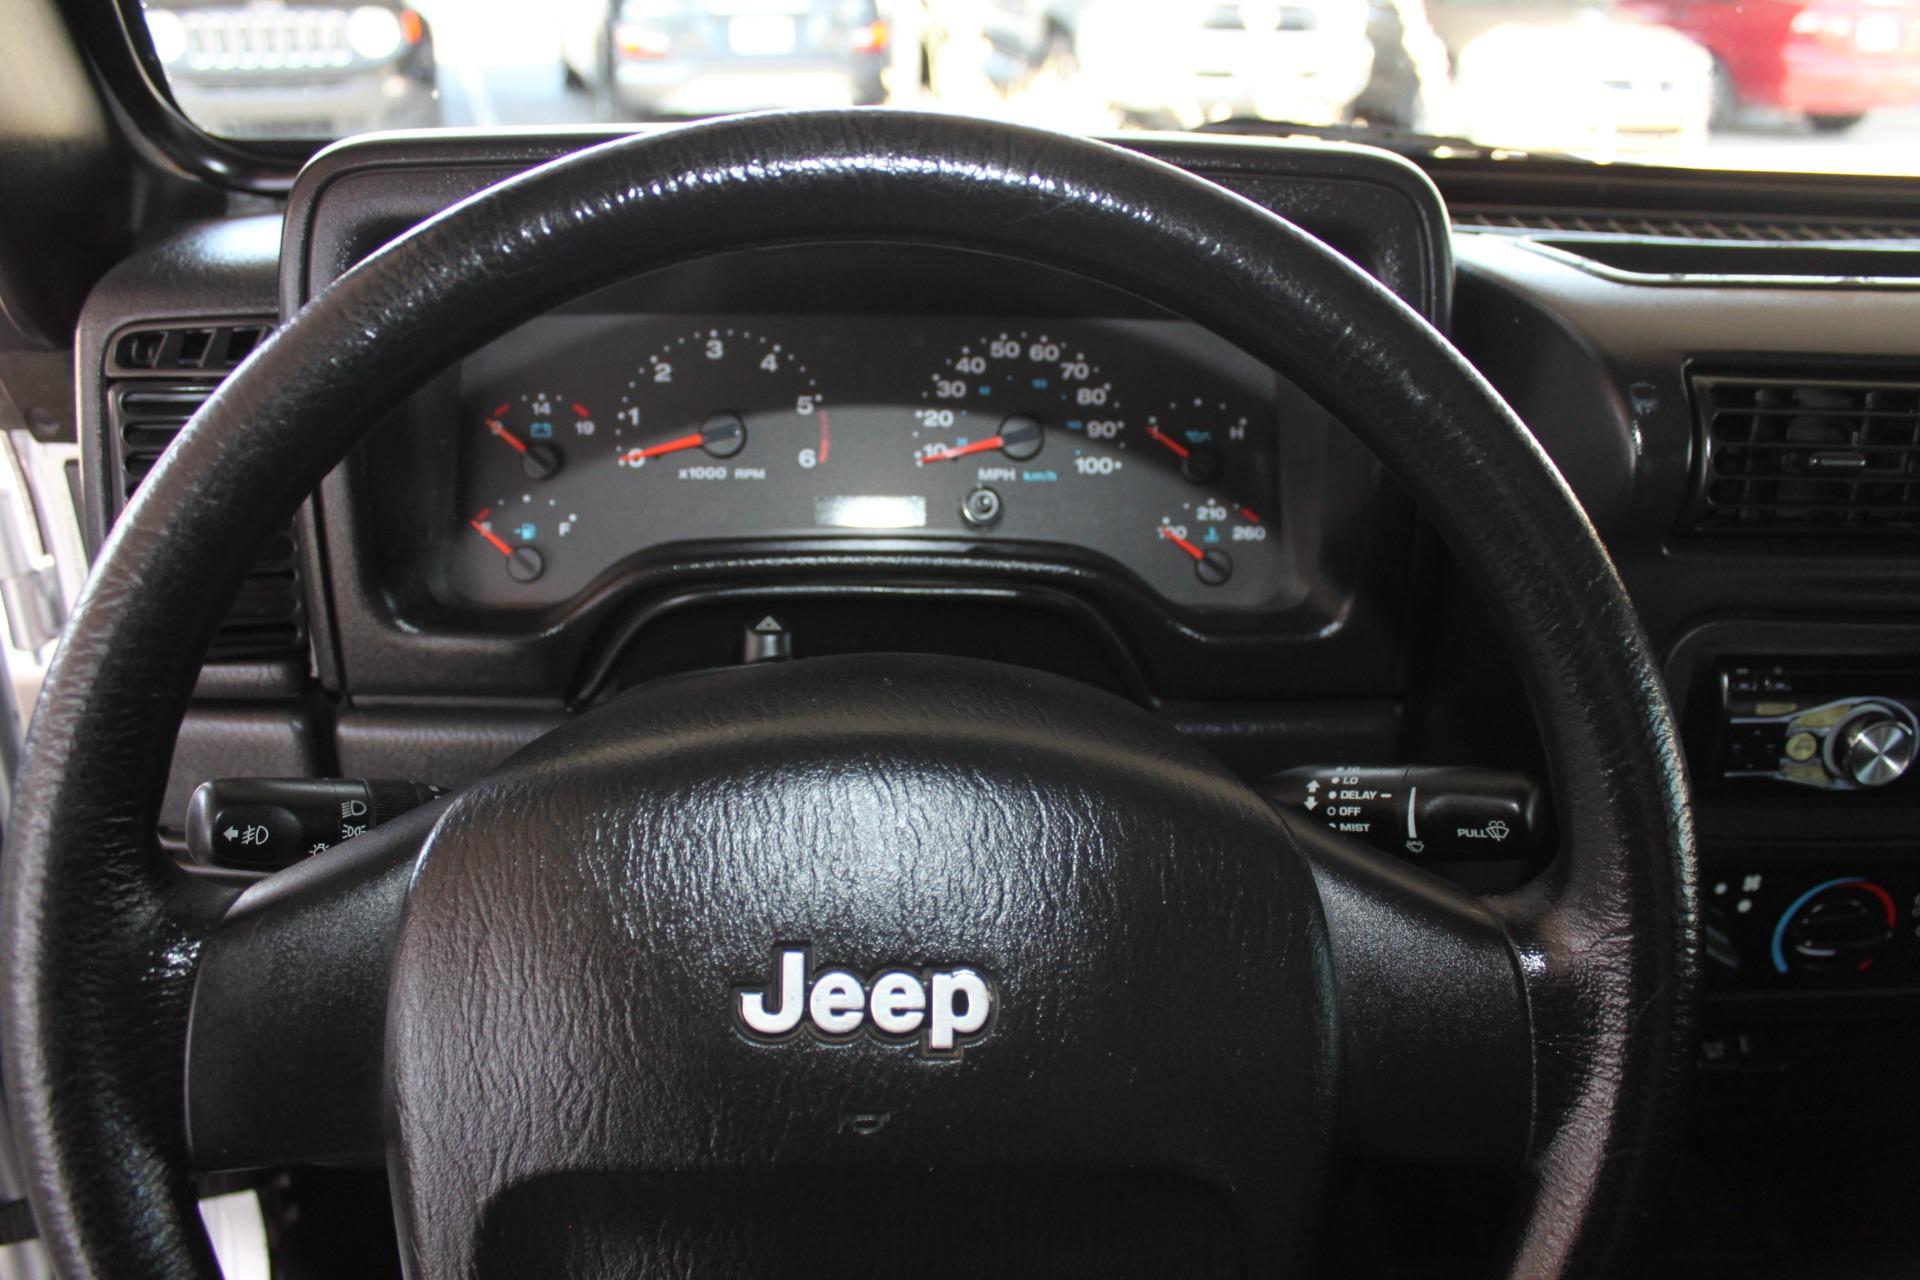 Used-2006-Jeep-Wrangler-Unlimited-LWB-vintage